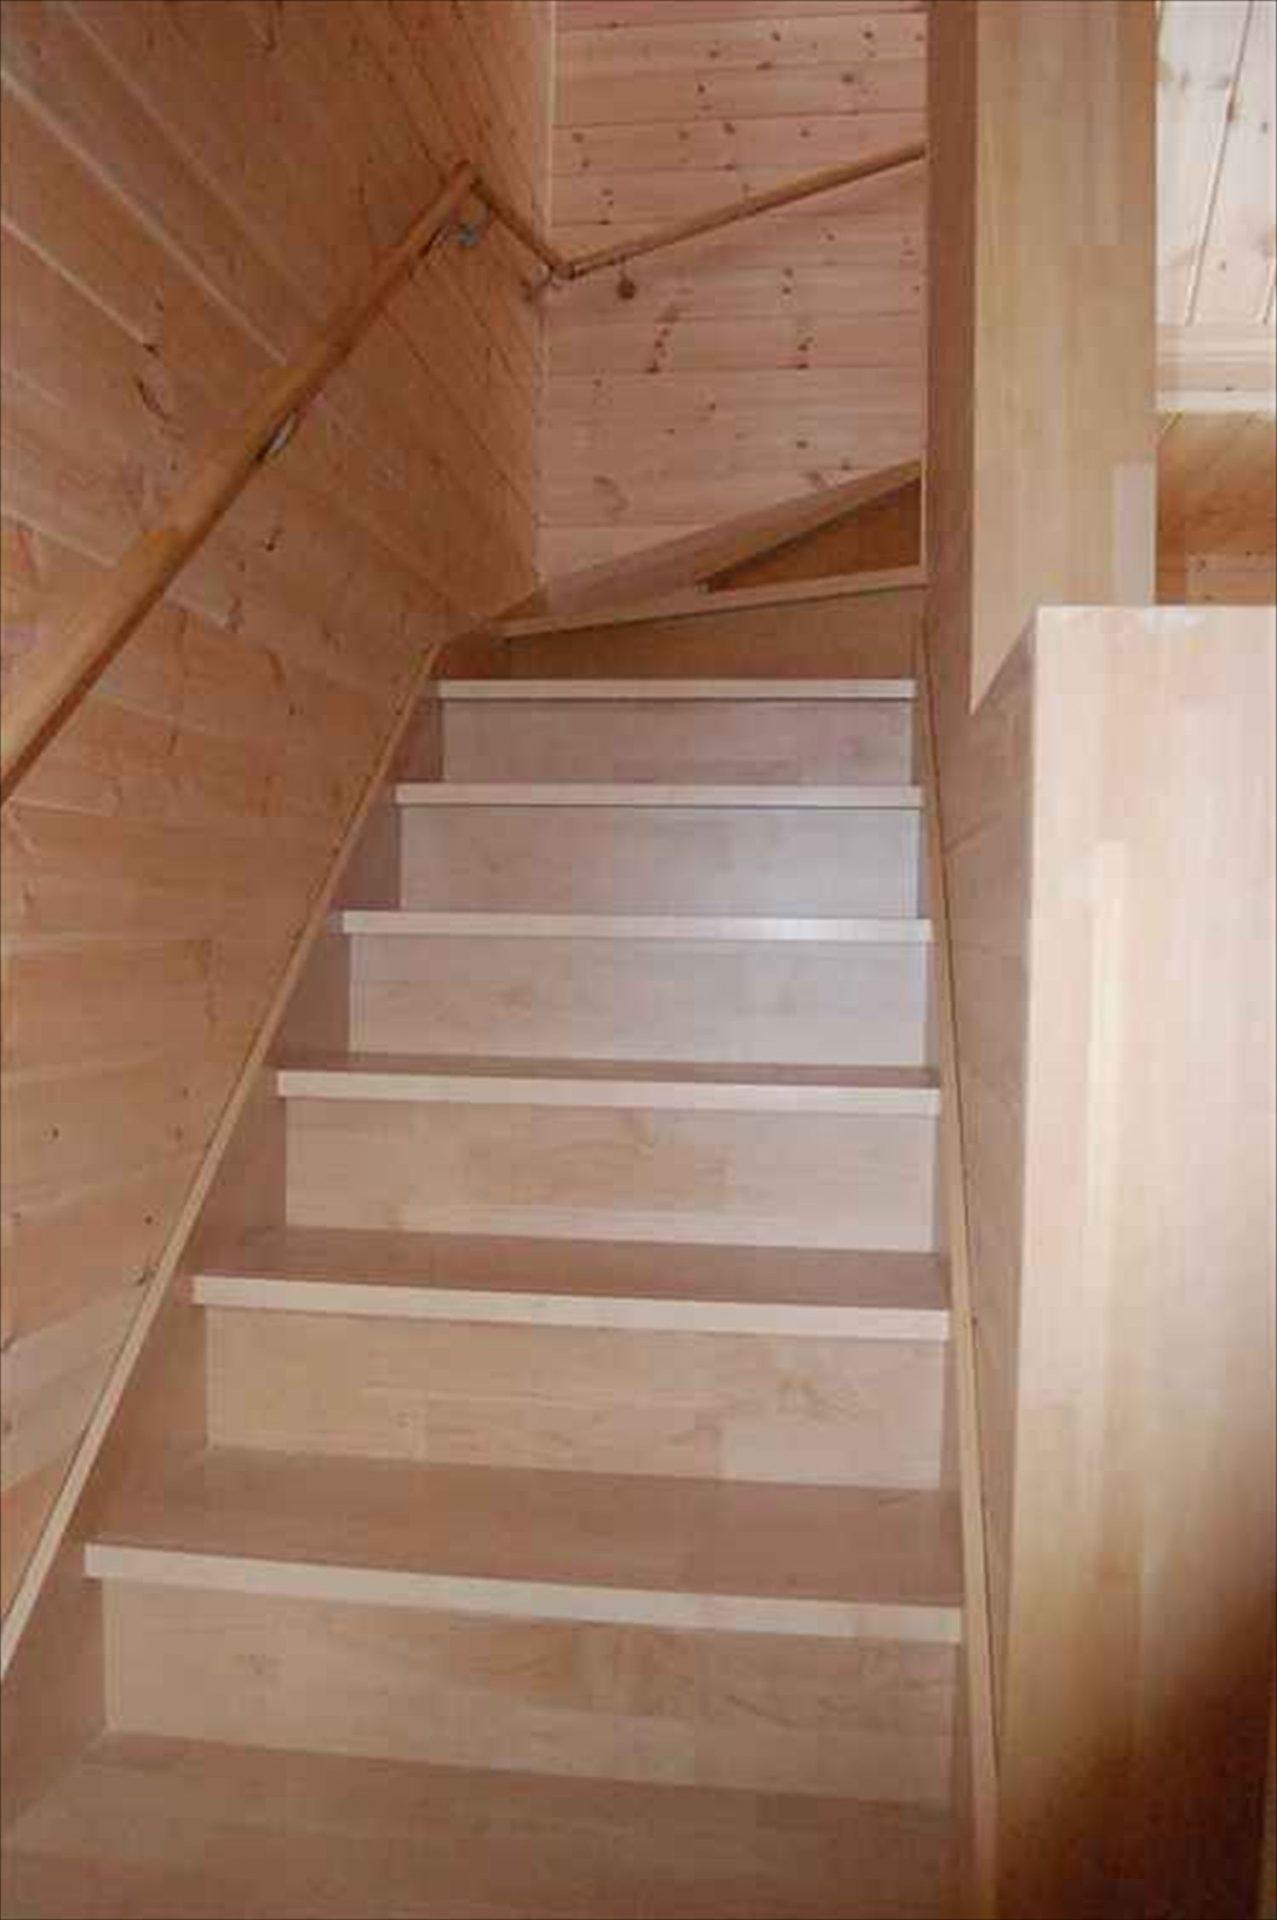 二階建て戸建て賃貸住宅の階段|水戸市の注文住宅,ログハウスのような木の家を低価格で建てるならエイ・ワン